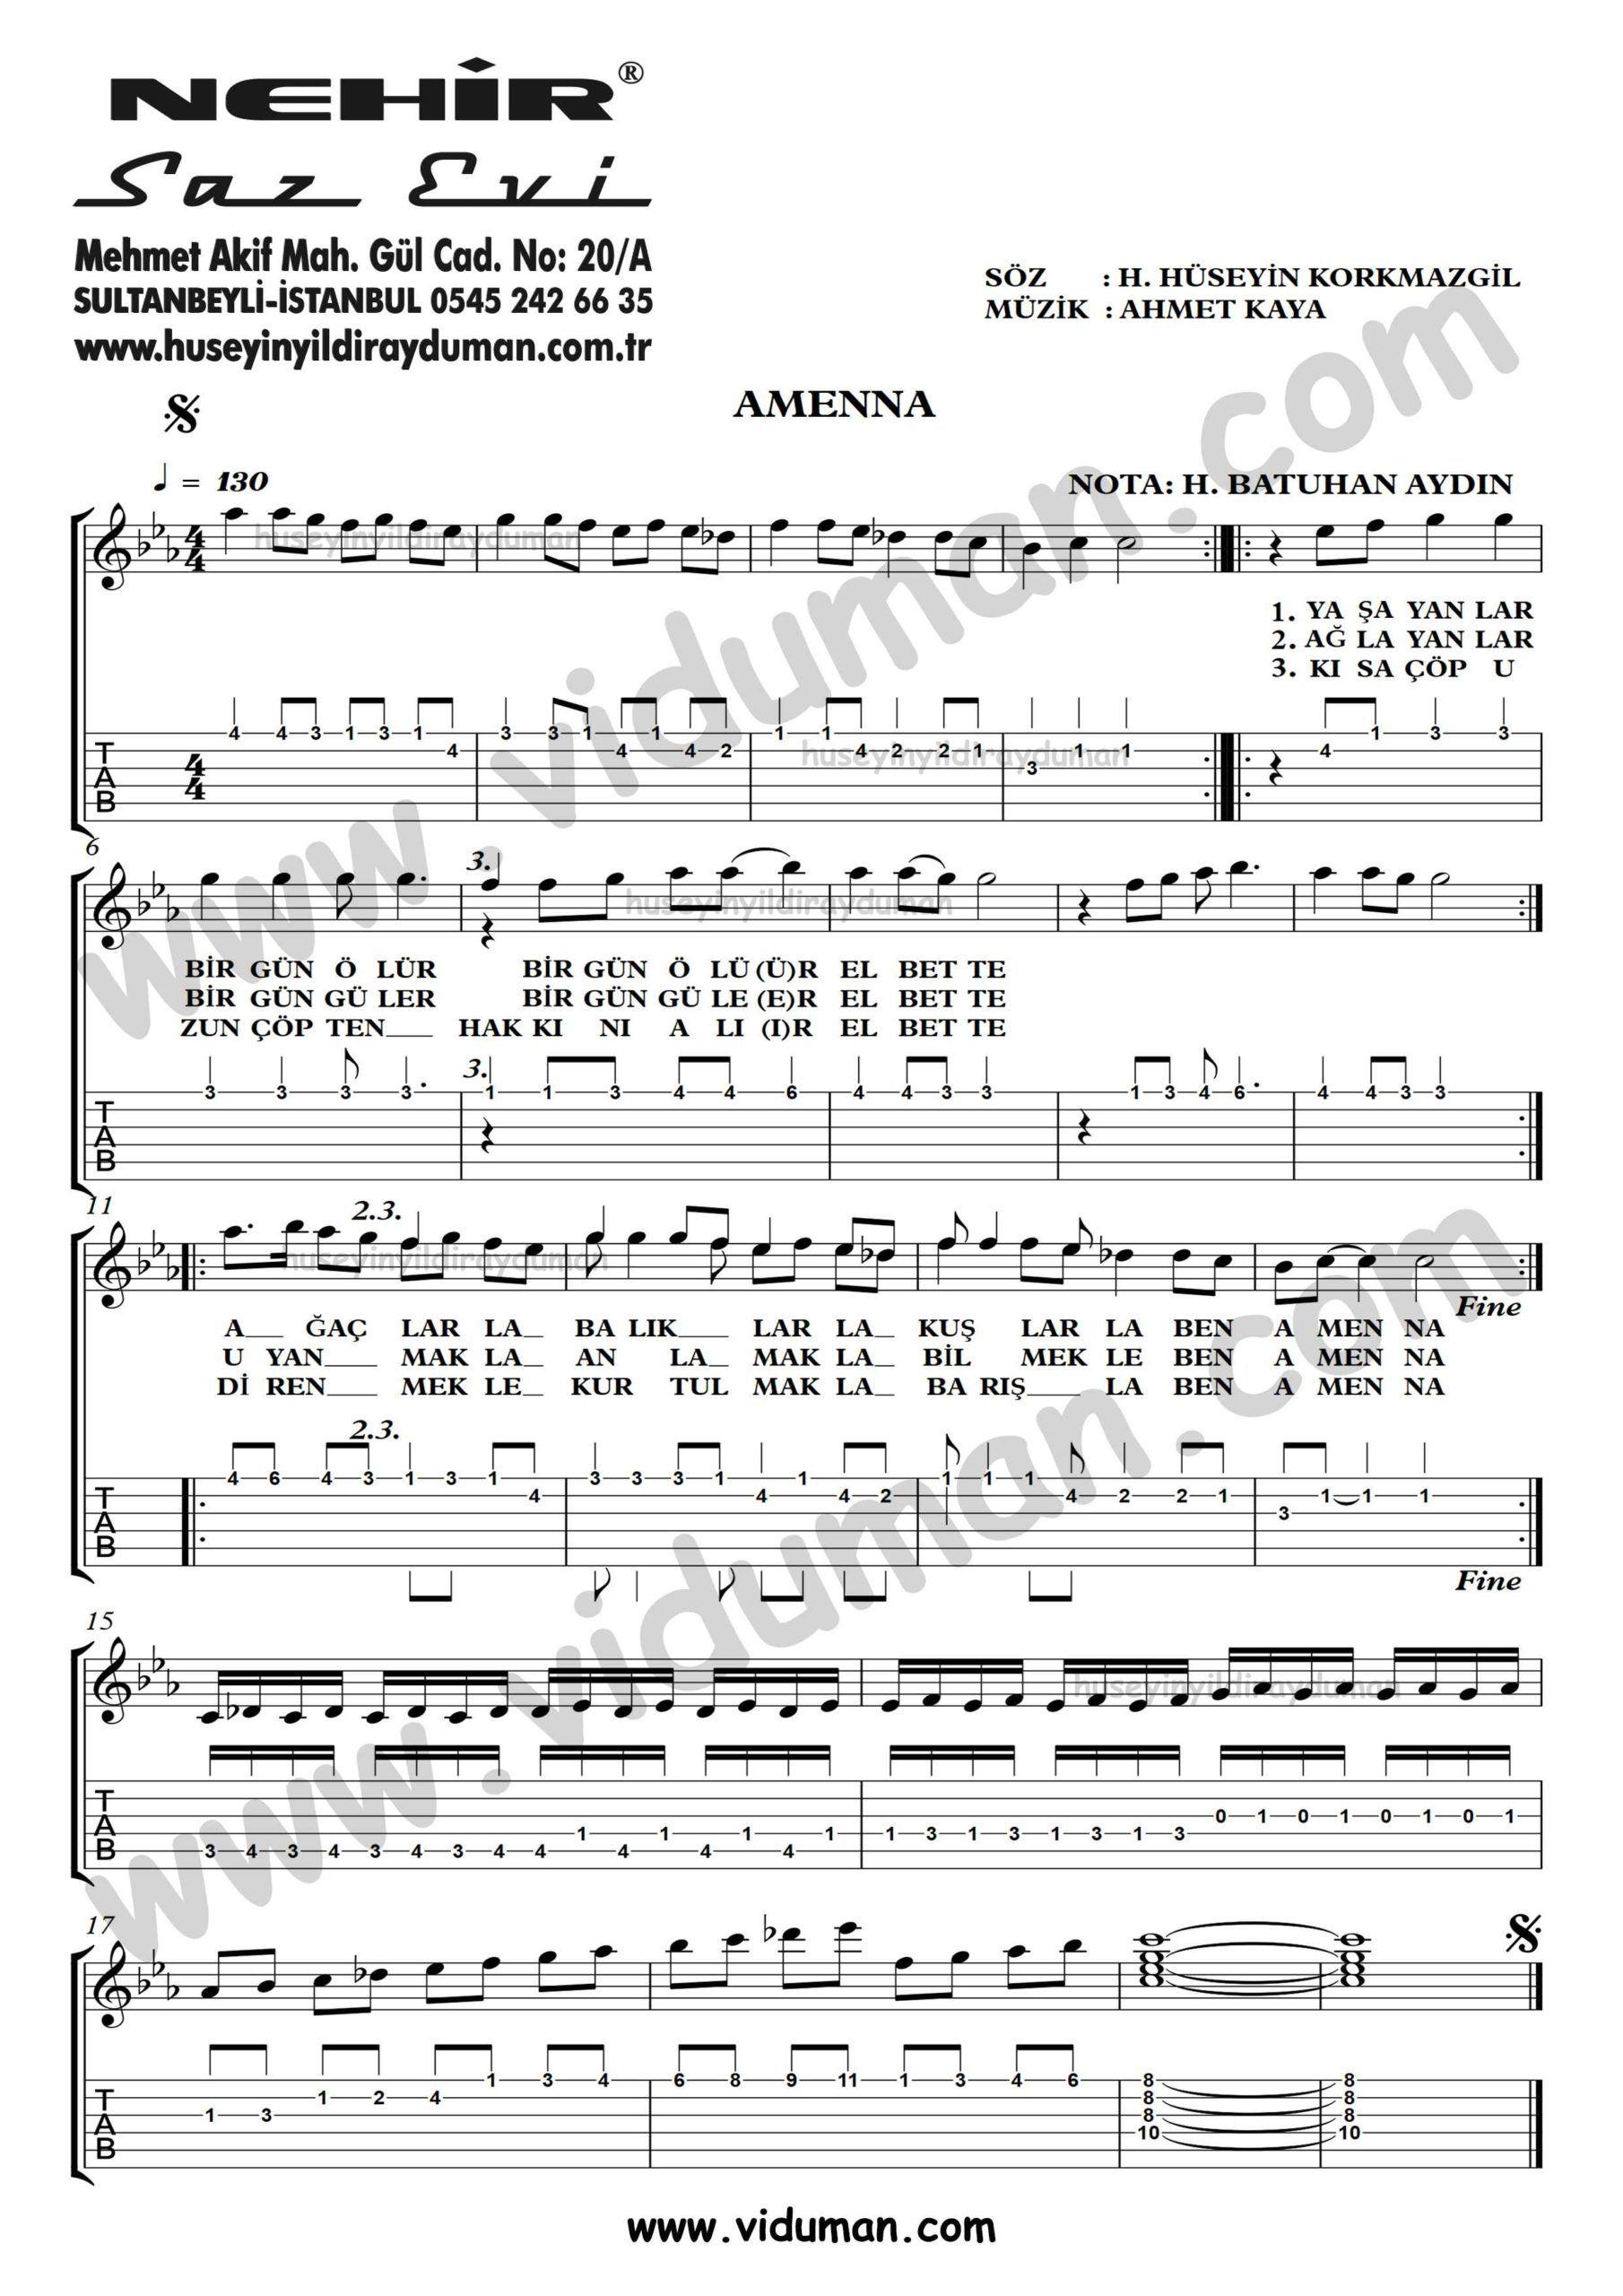 Amenna Ahmet Kaya Gitar Tab Solo Notalari Gitar Martini